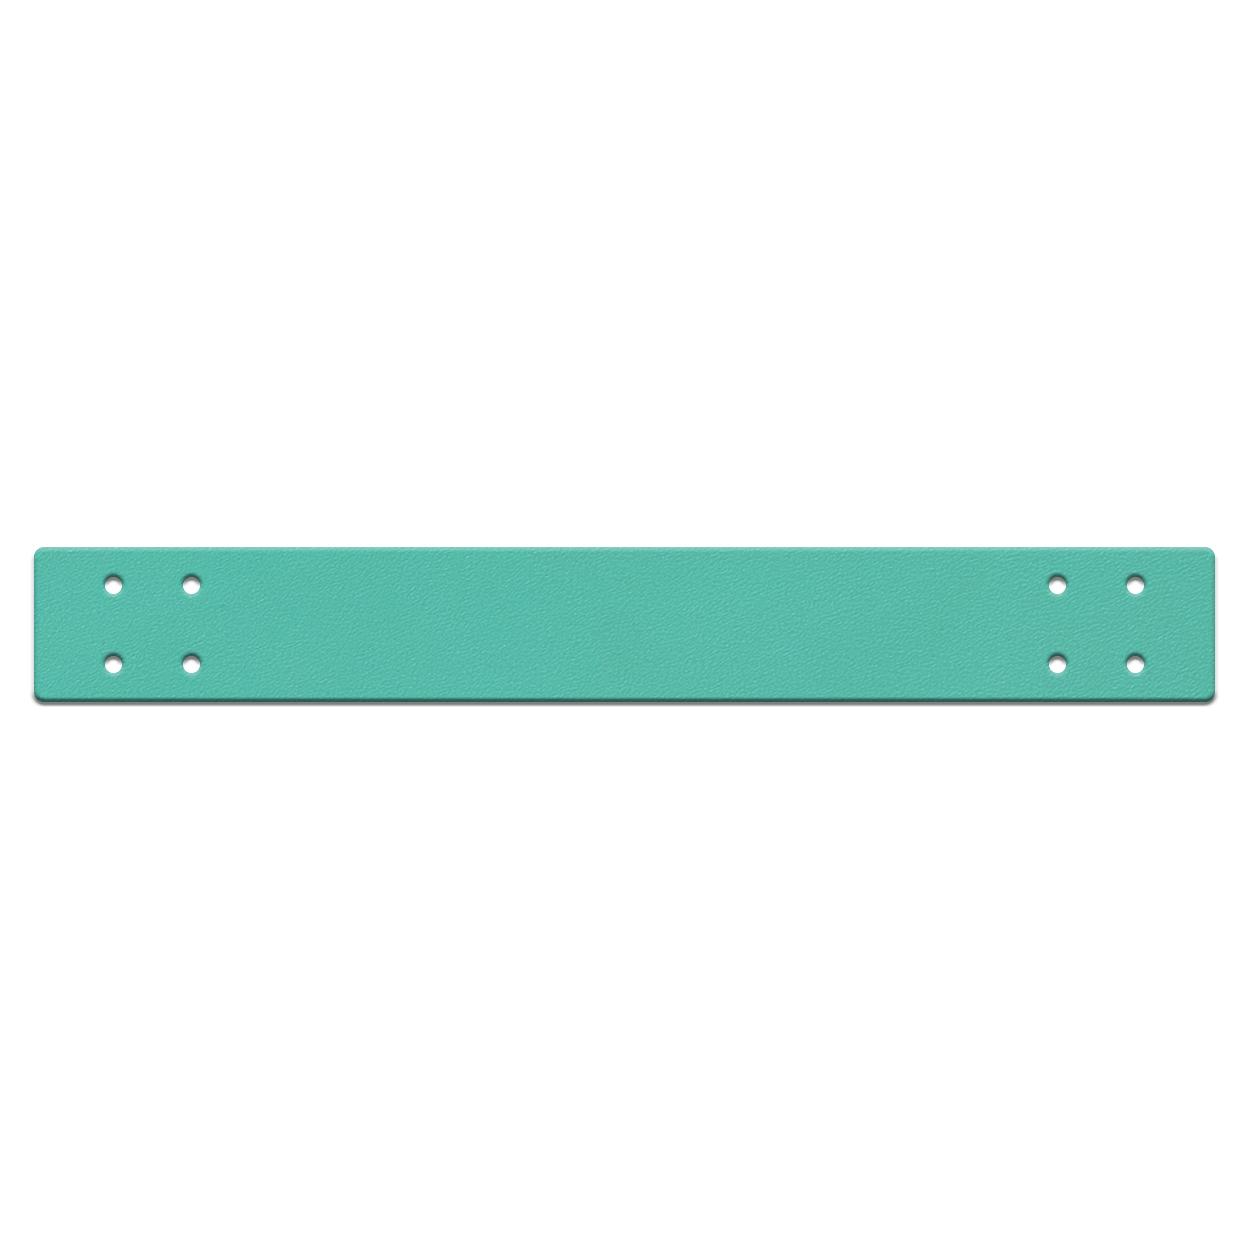 Кожа - Ручка для корзины 4 х 30 см. Бирюза